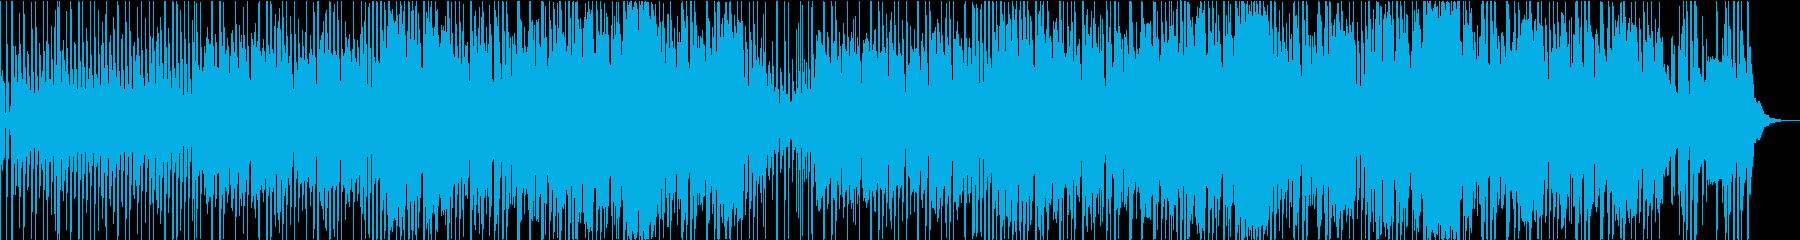 ゆったり空を旅するほのぼのしたBGMの再生済みの波形